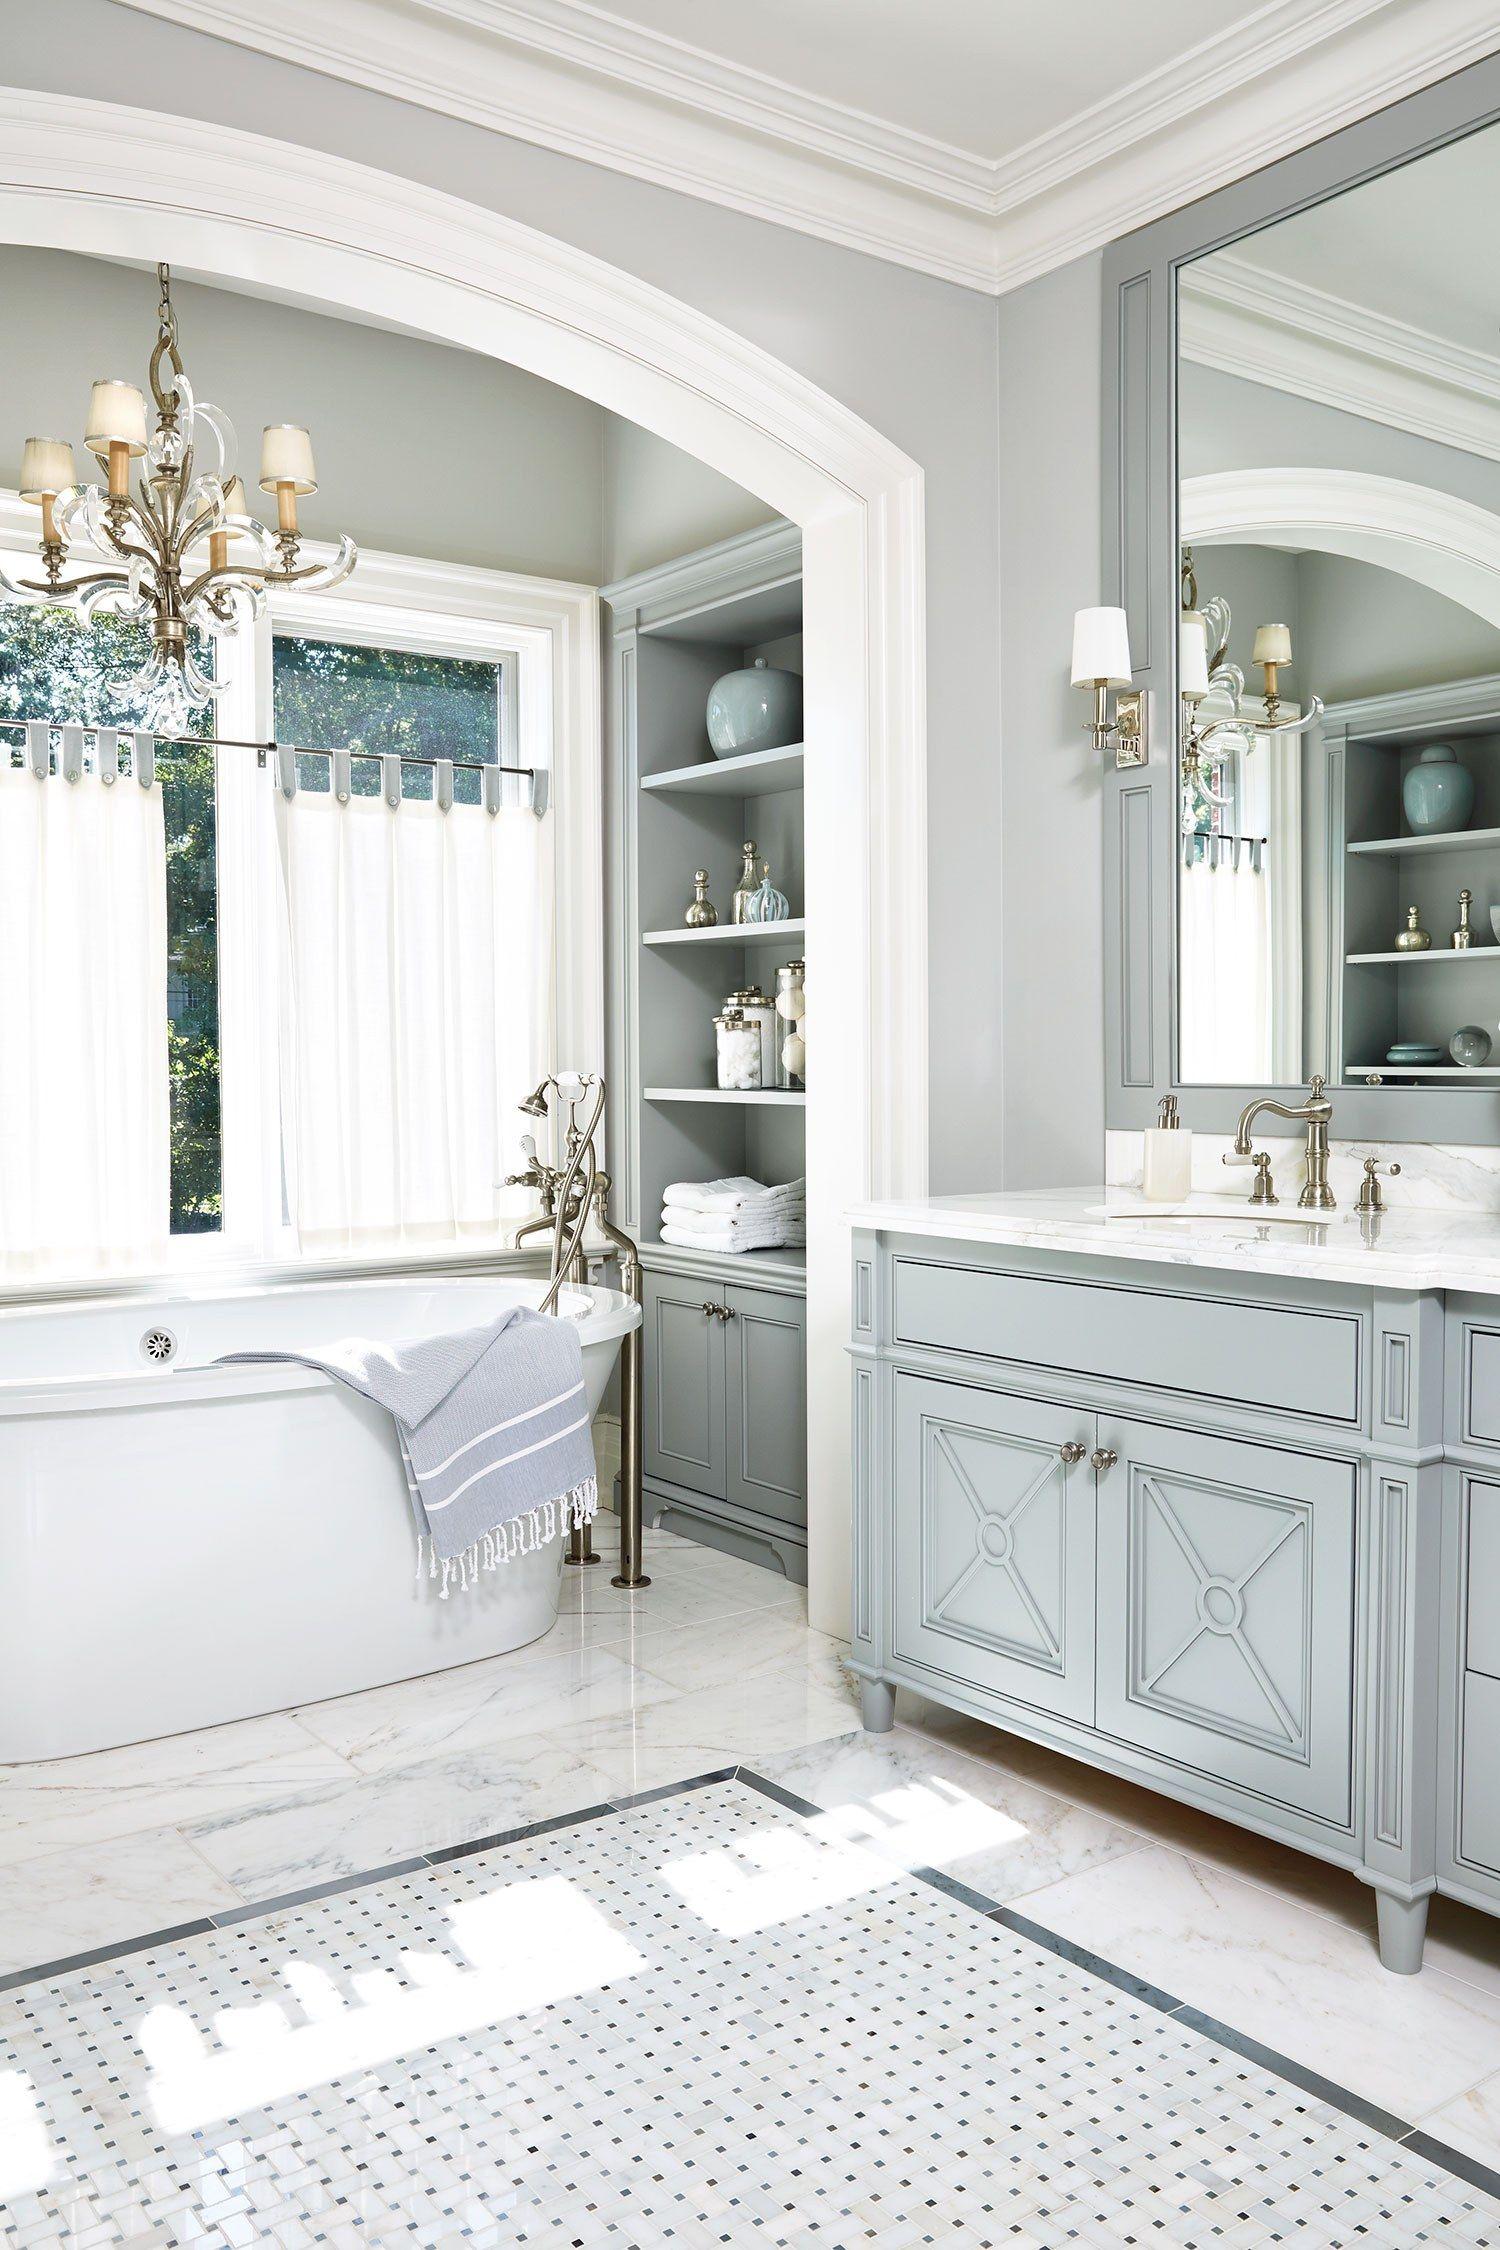 Timeless Bathroom Design | Home Interior Design